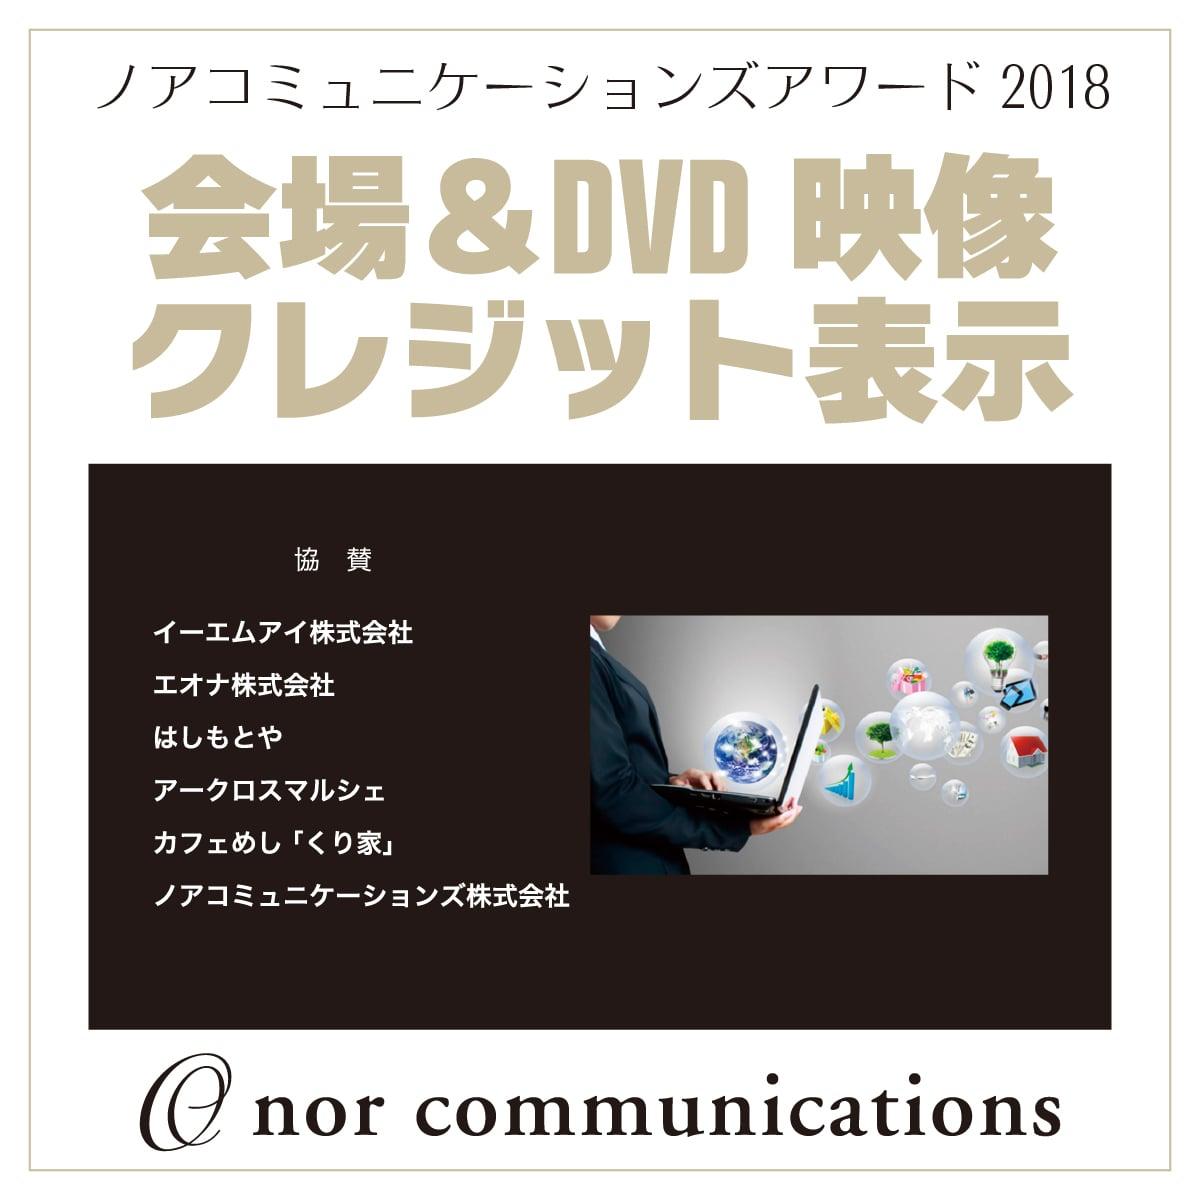 【特別協賛】ノアコミュニケーションズアワード2018特別協賛チケット《先着限定5社》のイメージその4